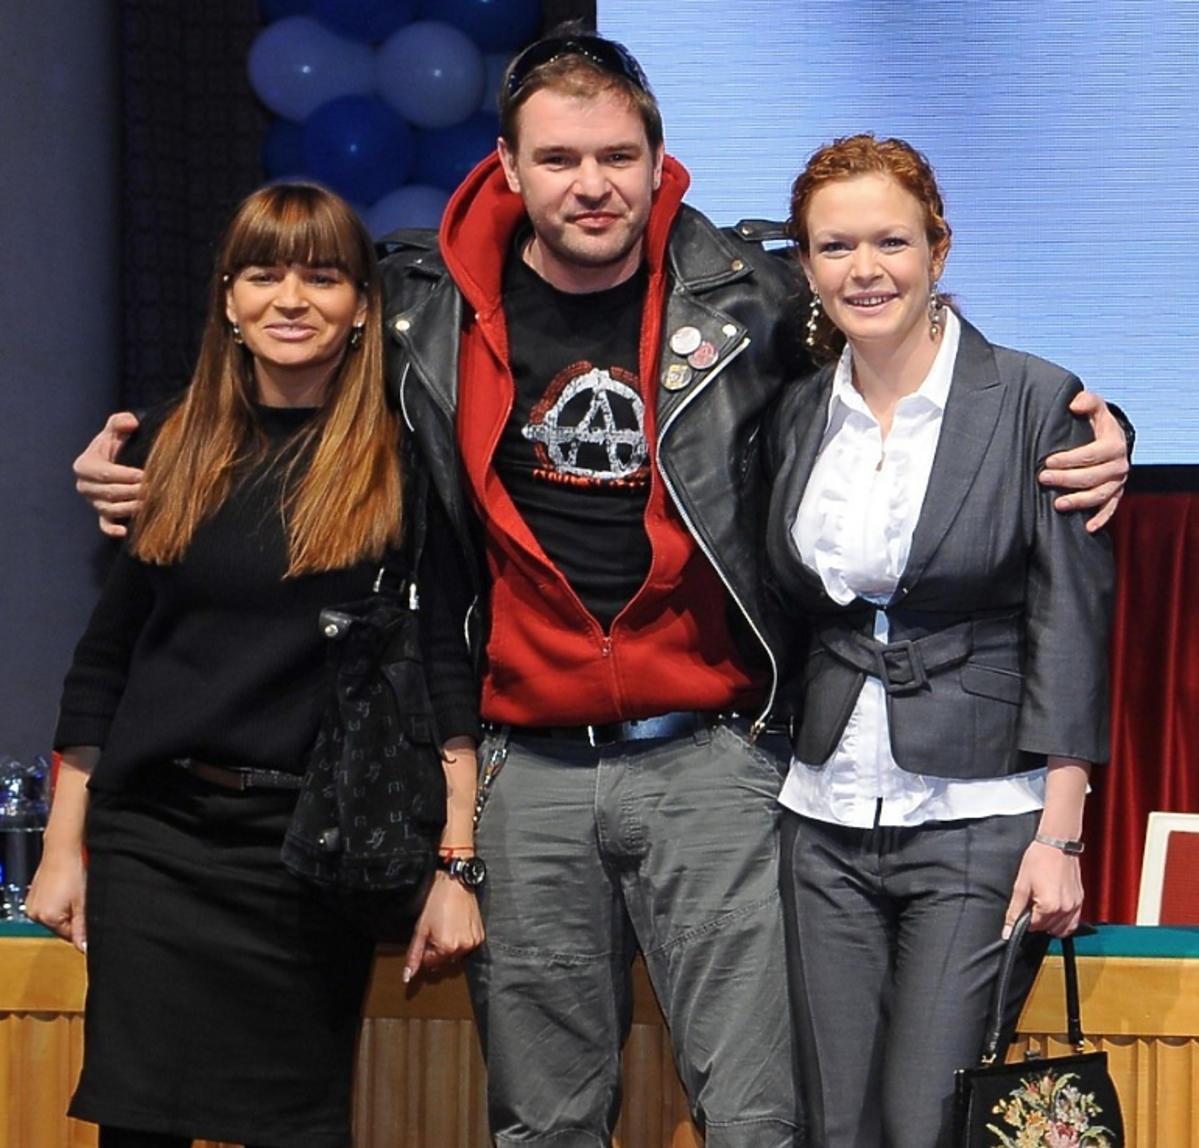 Dorota Deląg, Tomasz Karolak i Daria Widawska na ramówce TVN w 2008 roku